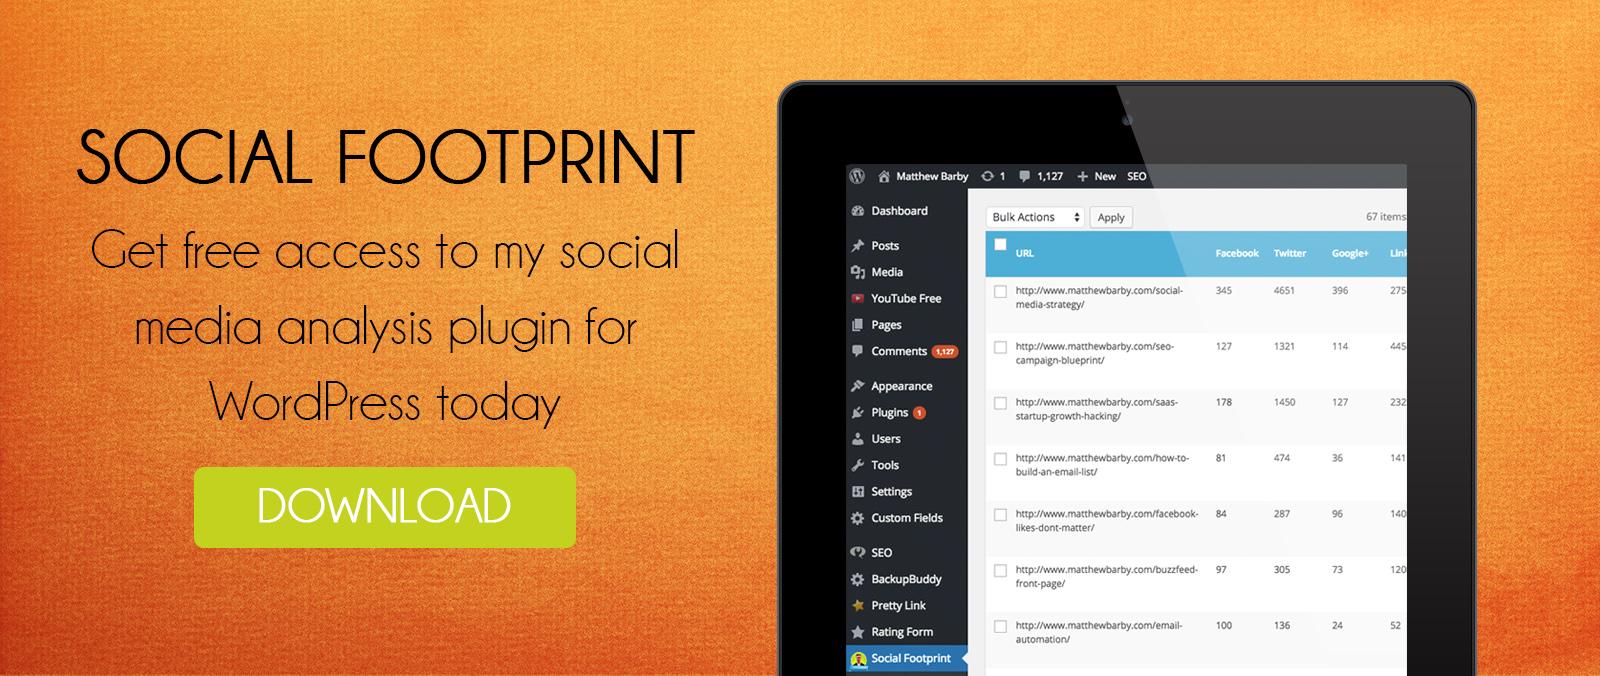 Download my free social media plugin